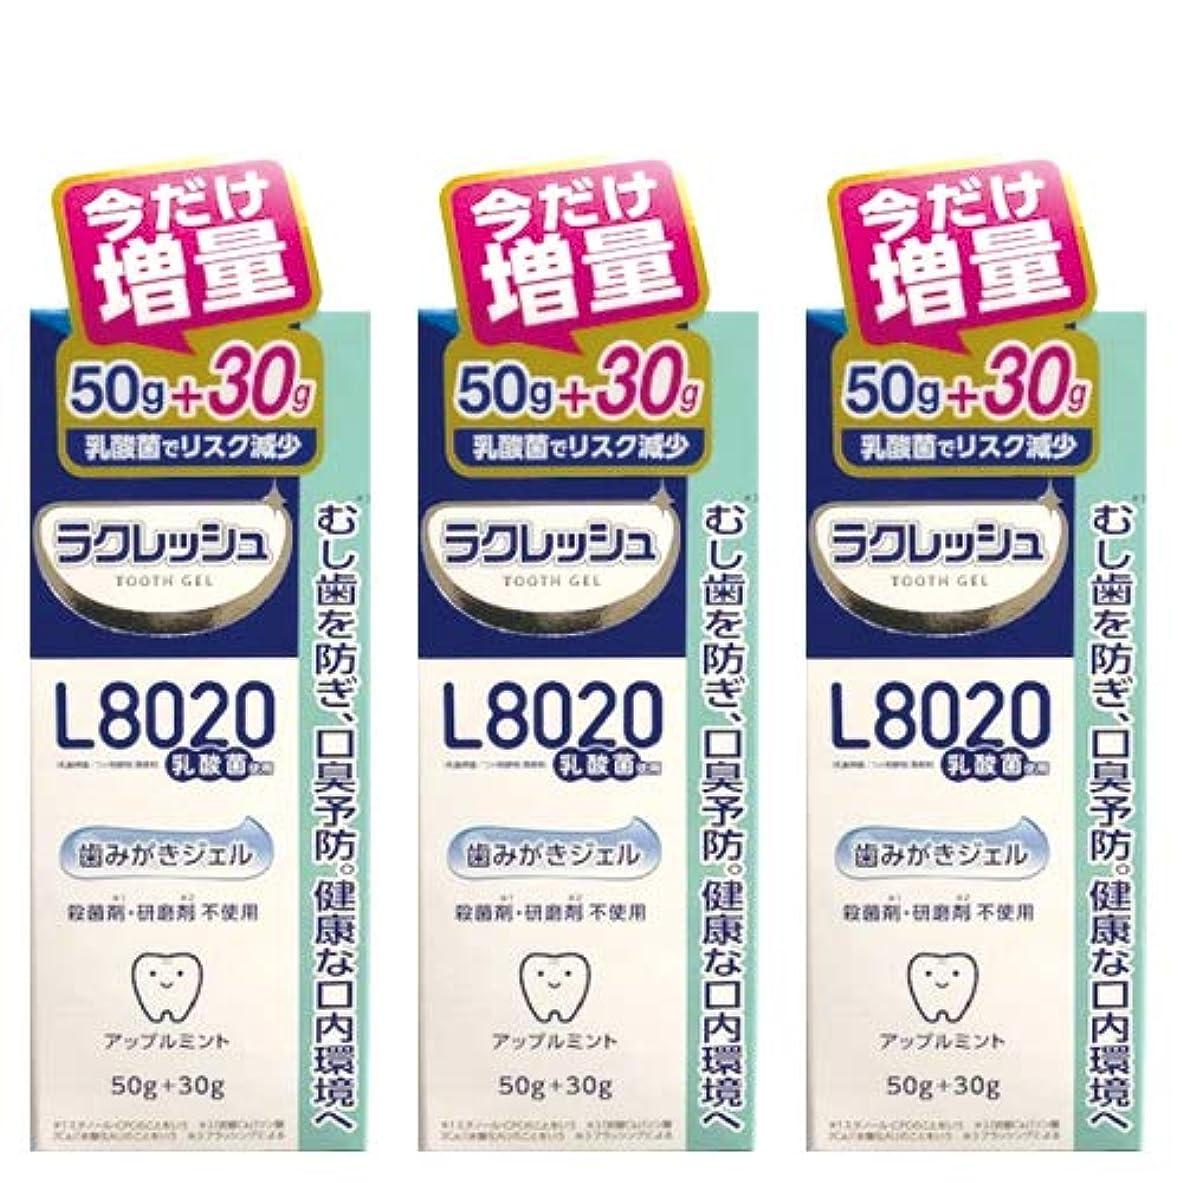 広告主表示集団的【増量30g 】ジェクス L8020乳酸菌 ラクレッシュ 歯みがきジェル 80g(50g+30g)×3本セット